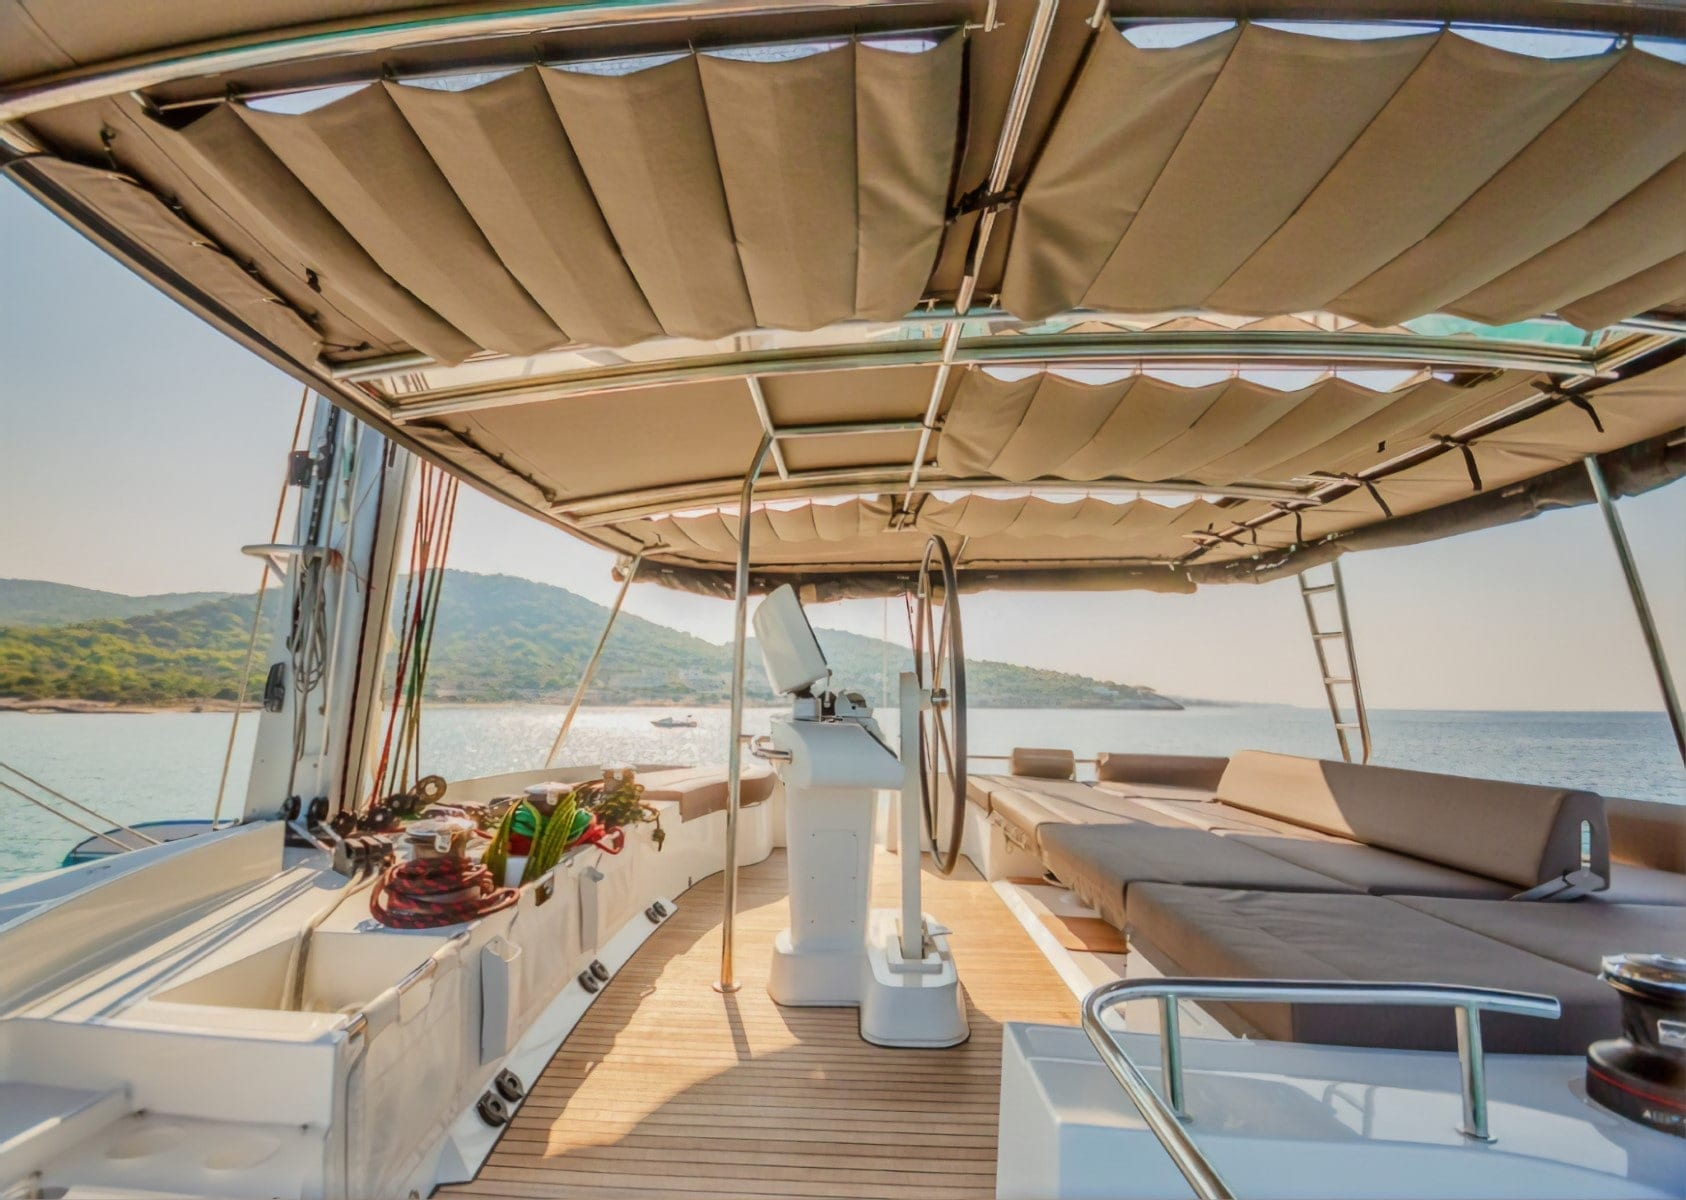 valium 52 catamaran lounge1 - Valef Yachts Chartering